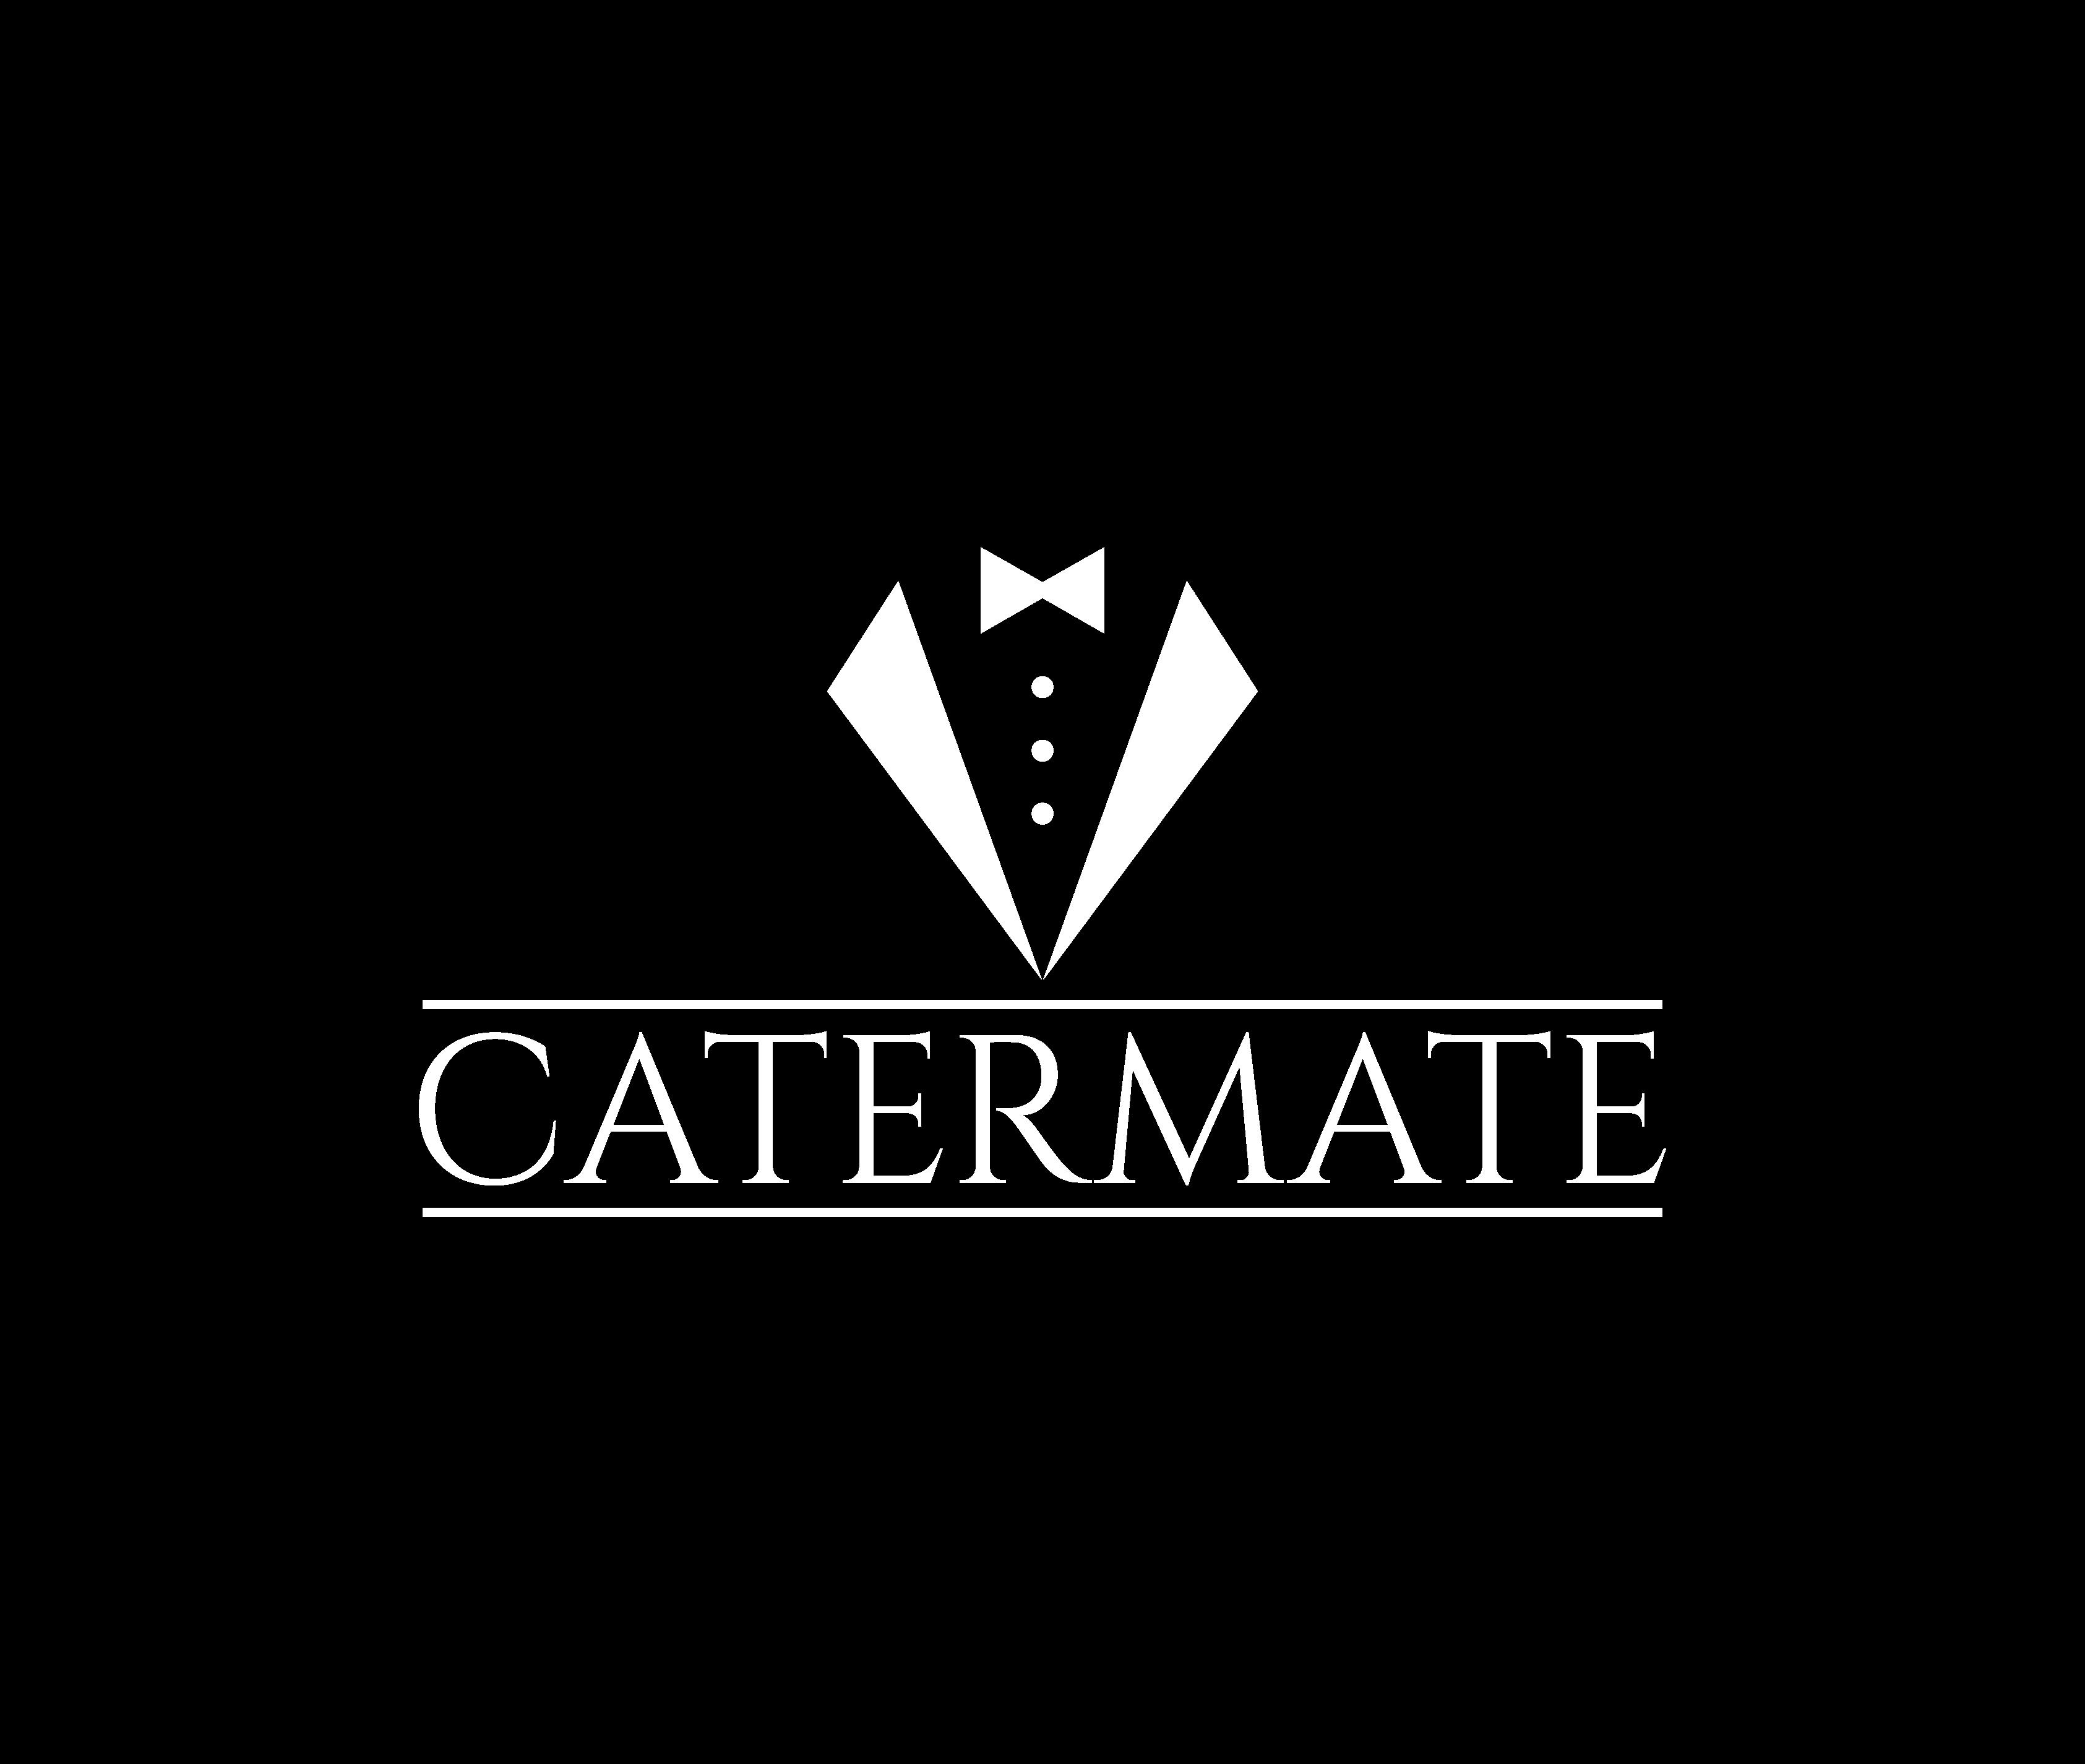 CATERMATEwhitetransparent (1)